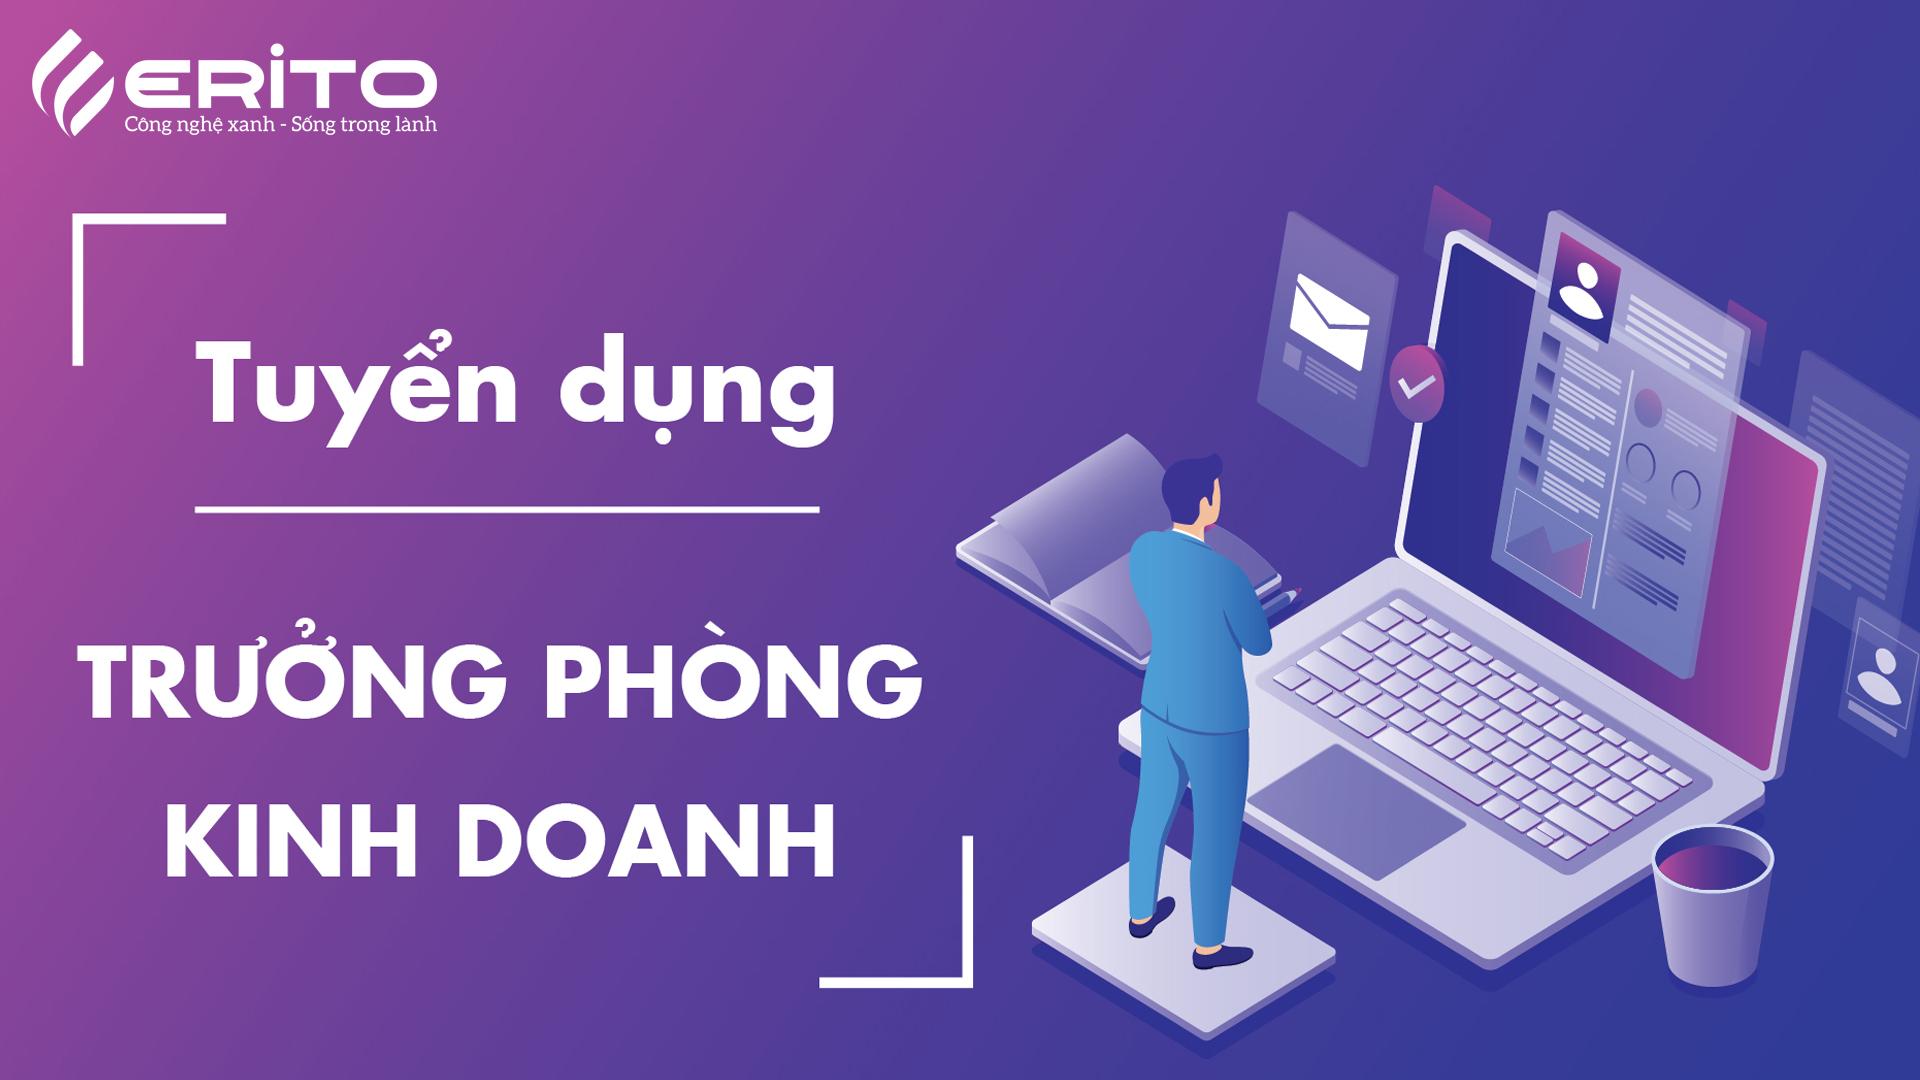 TUYỂN DỤNG TRƯỞNG PHÒNG KINH DOANH TẠI ĐÀ NẴNG, HỒ CHÍ MINH THÁNG 4/2020